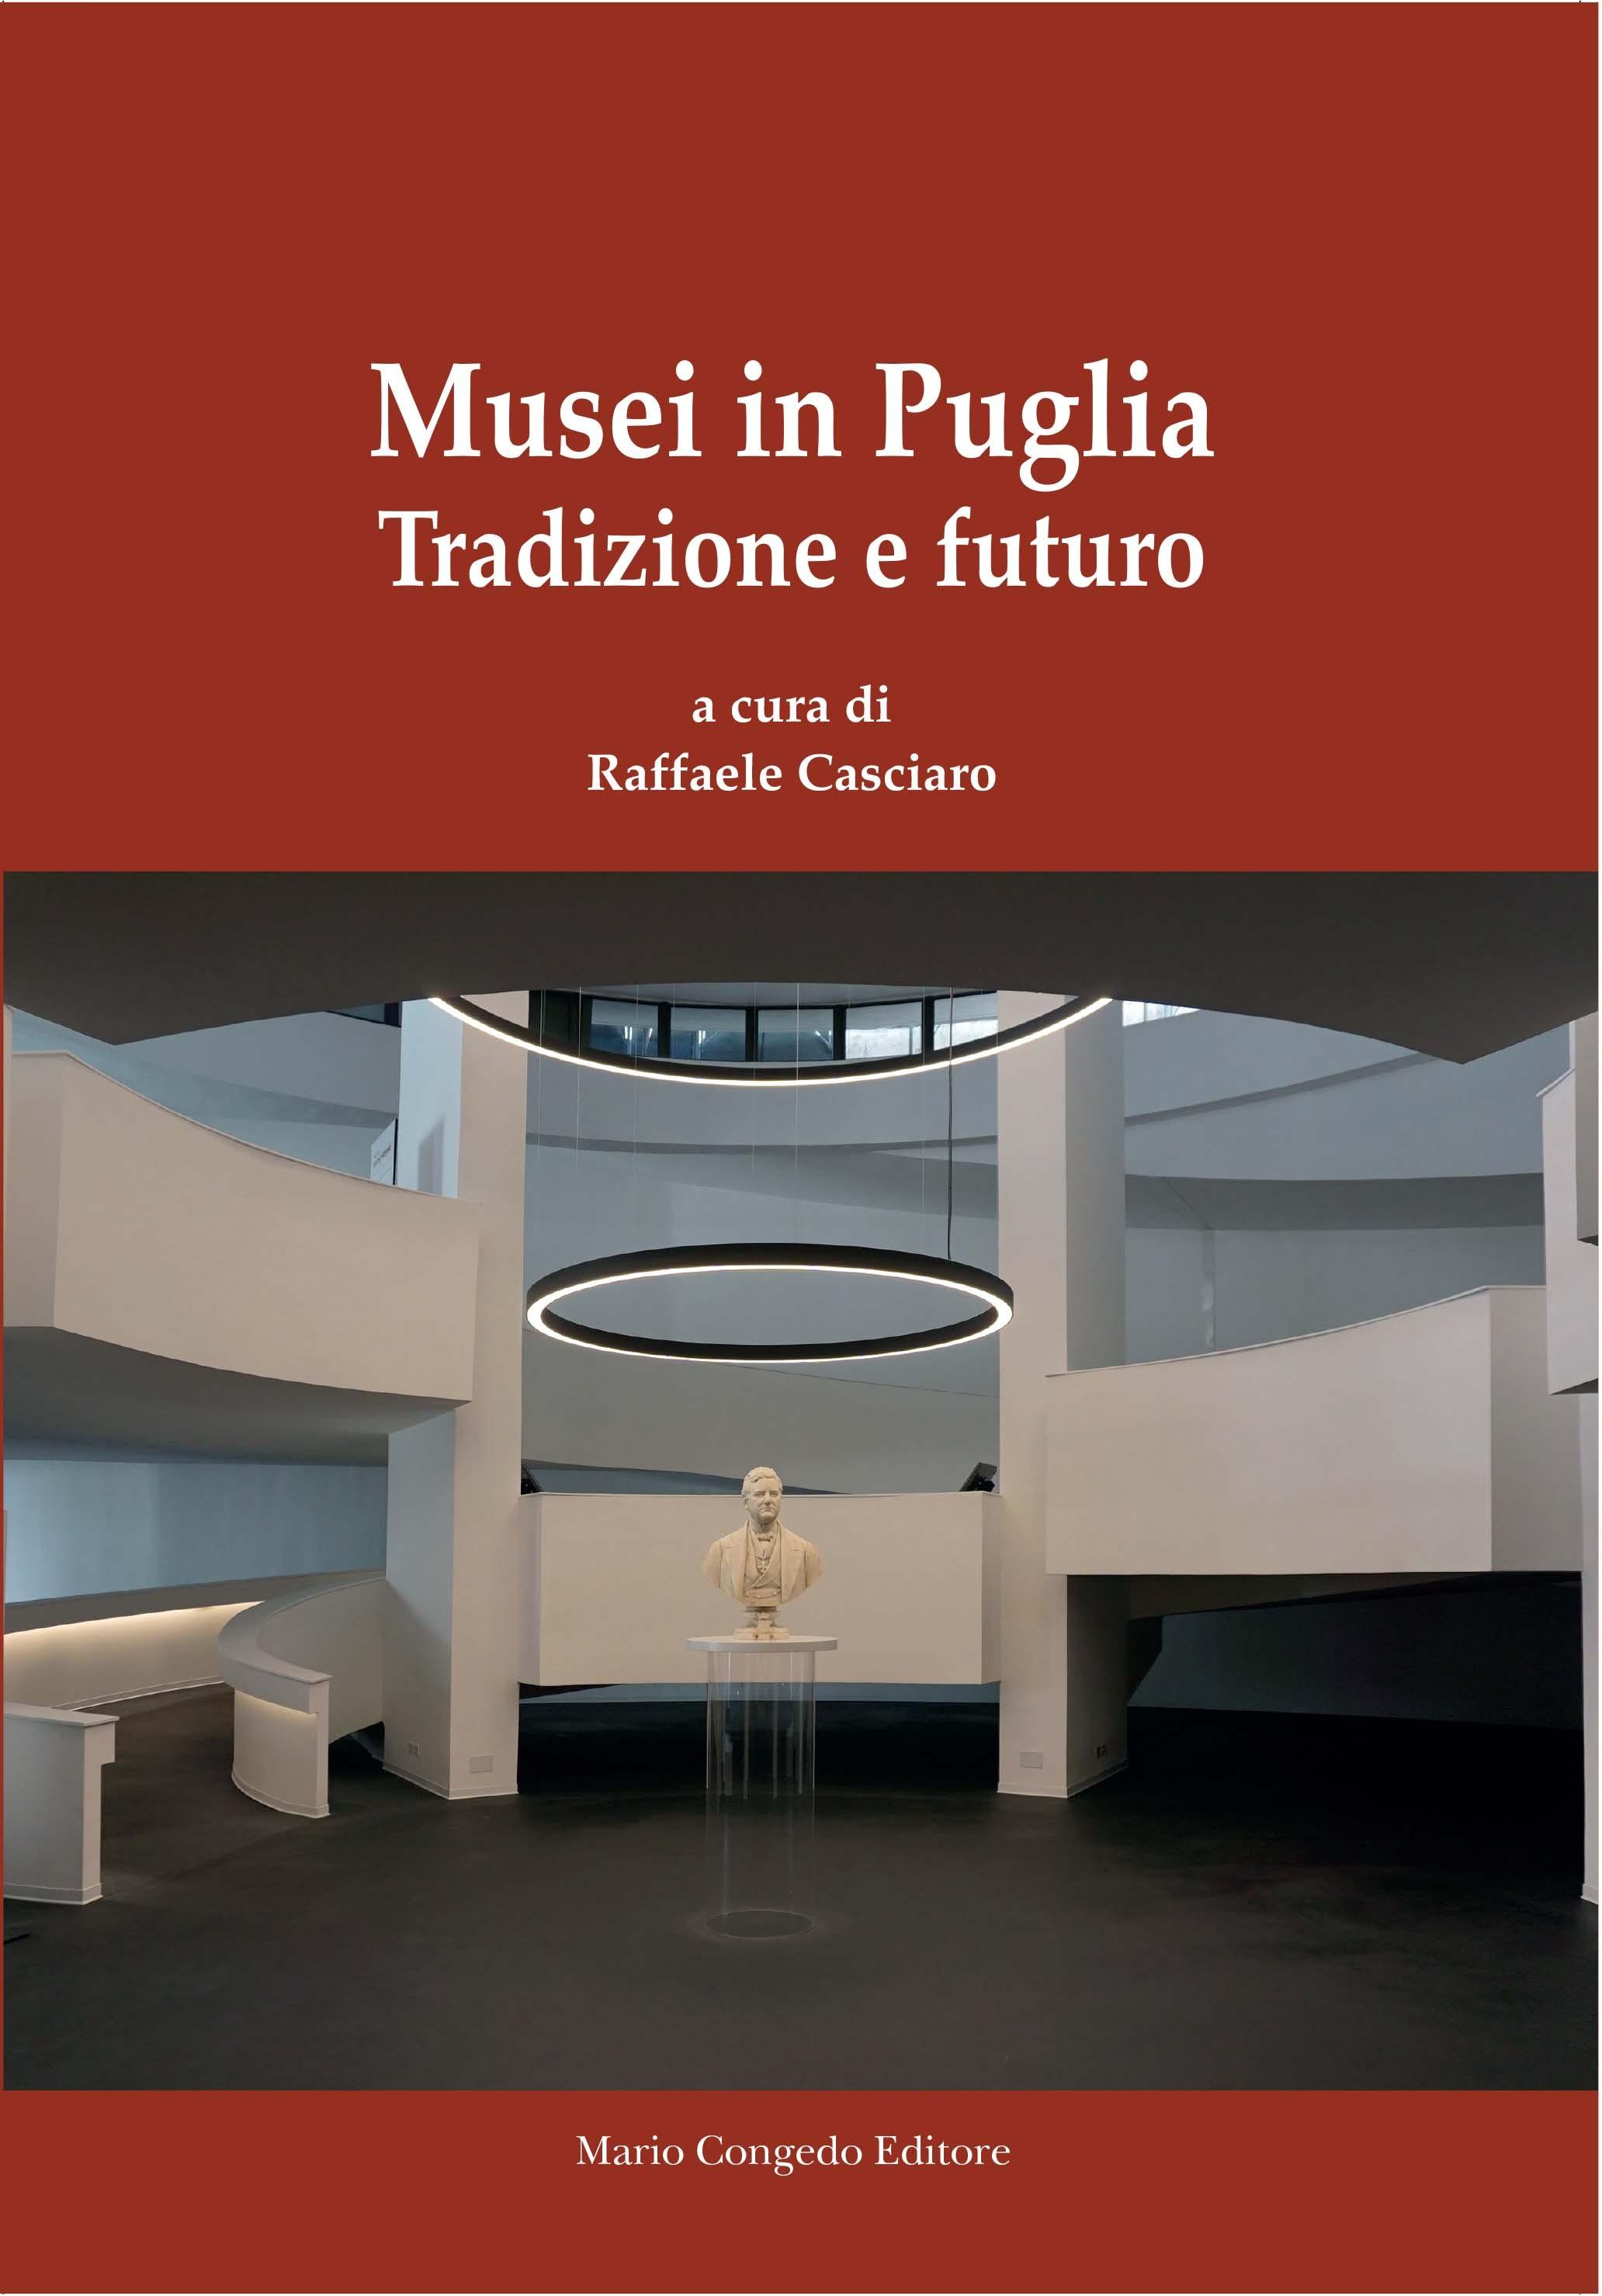 Musei in Puglia. Tradizione e futuro